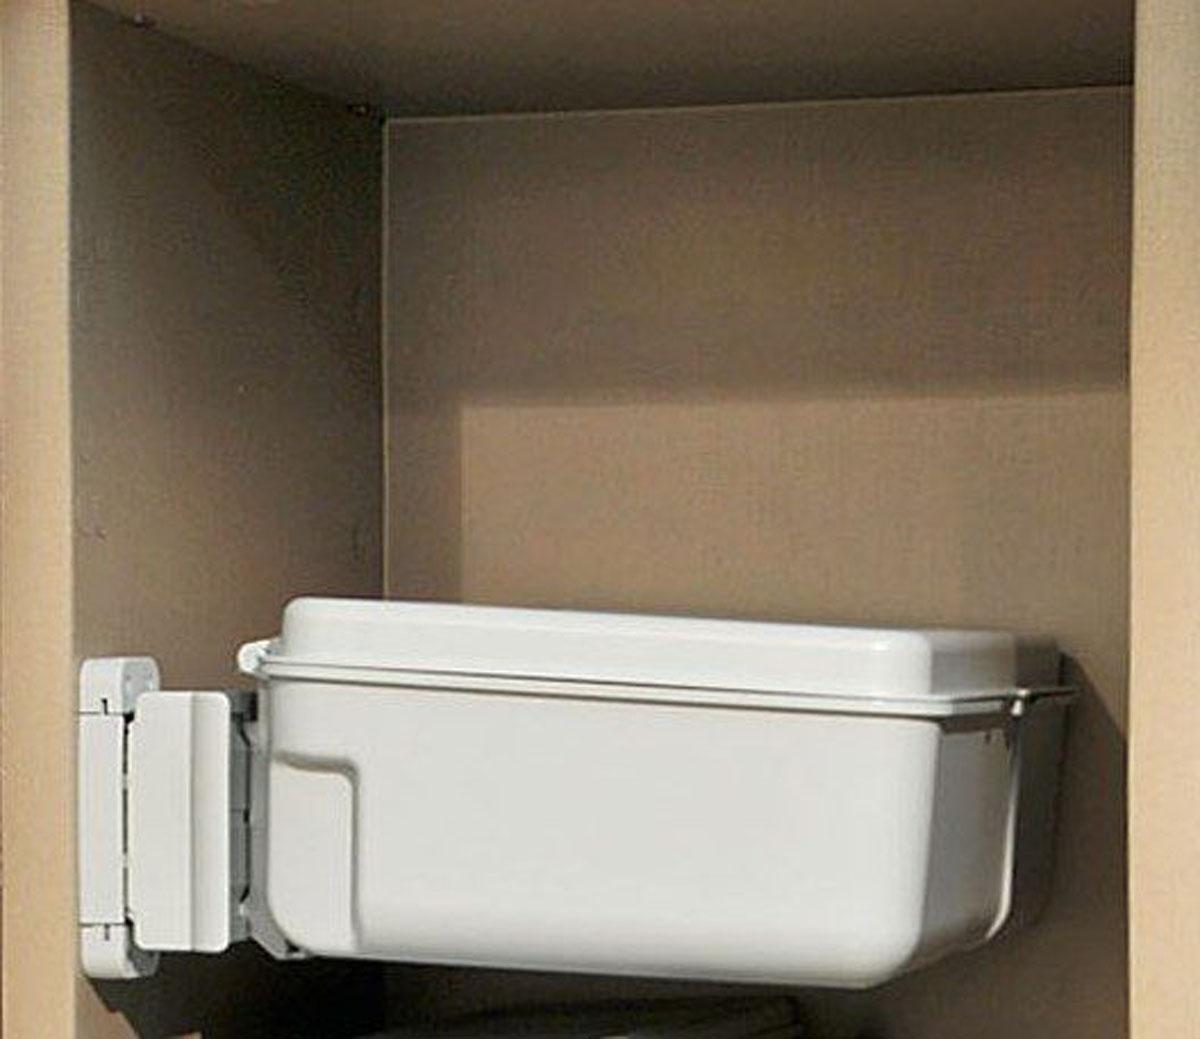 Съемный выдвижной короб для мелочей